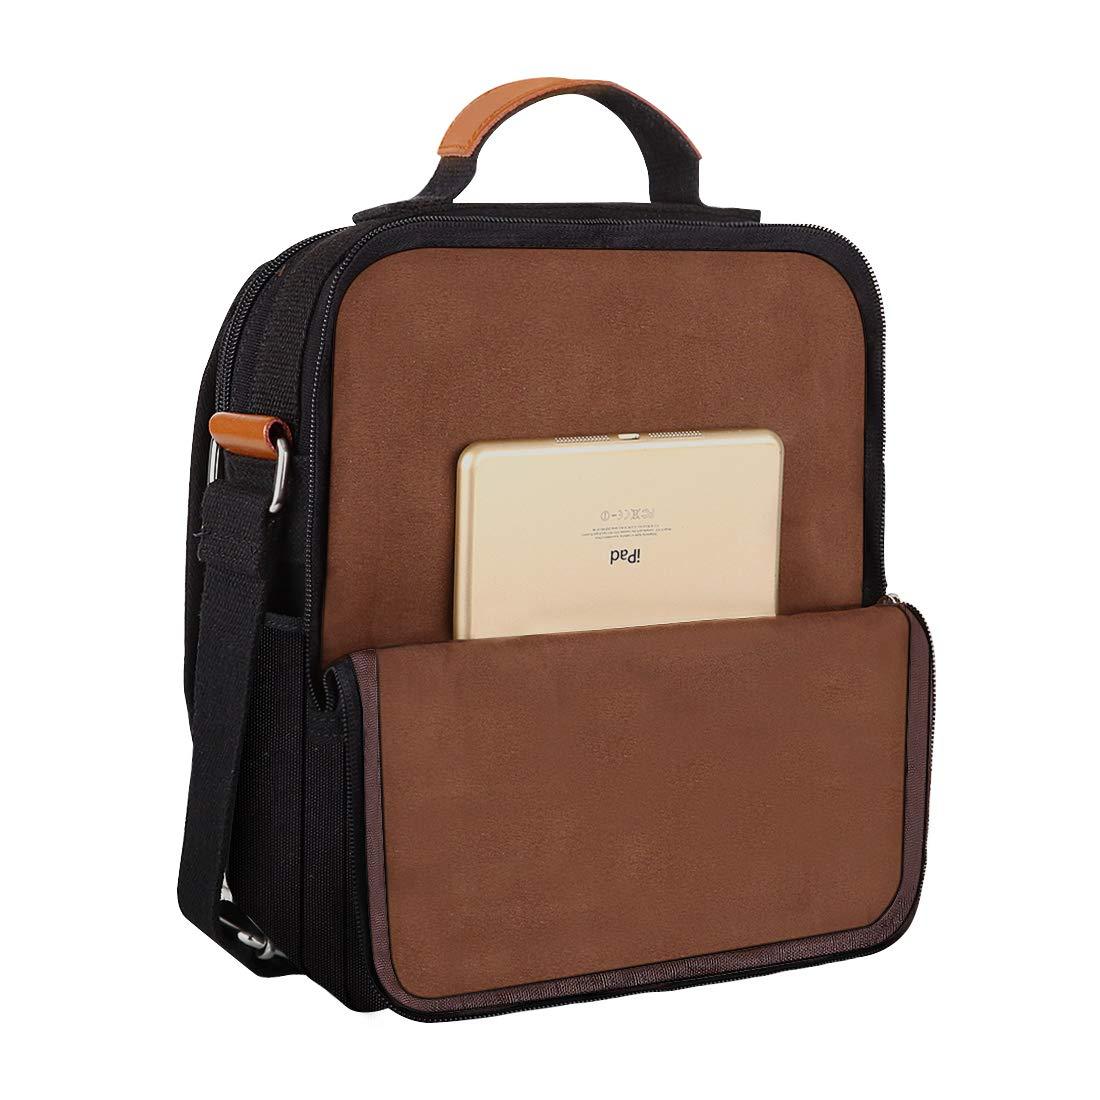 Small Shoulder Bag Messenger Bag Travel Bag Business Bag Working Bag